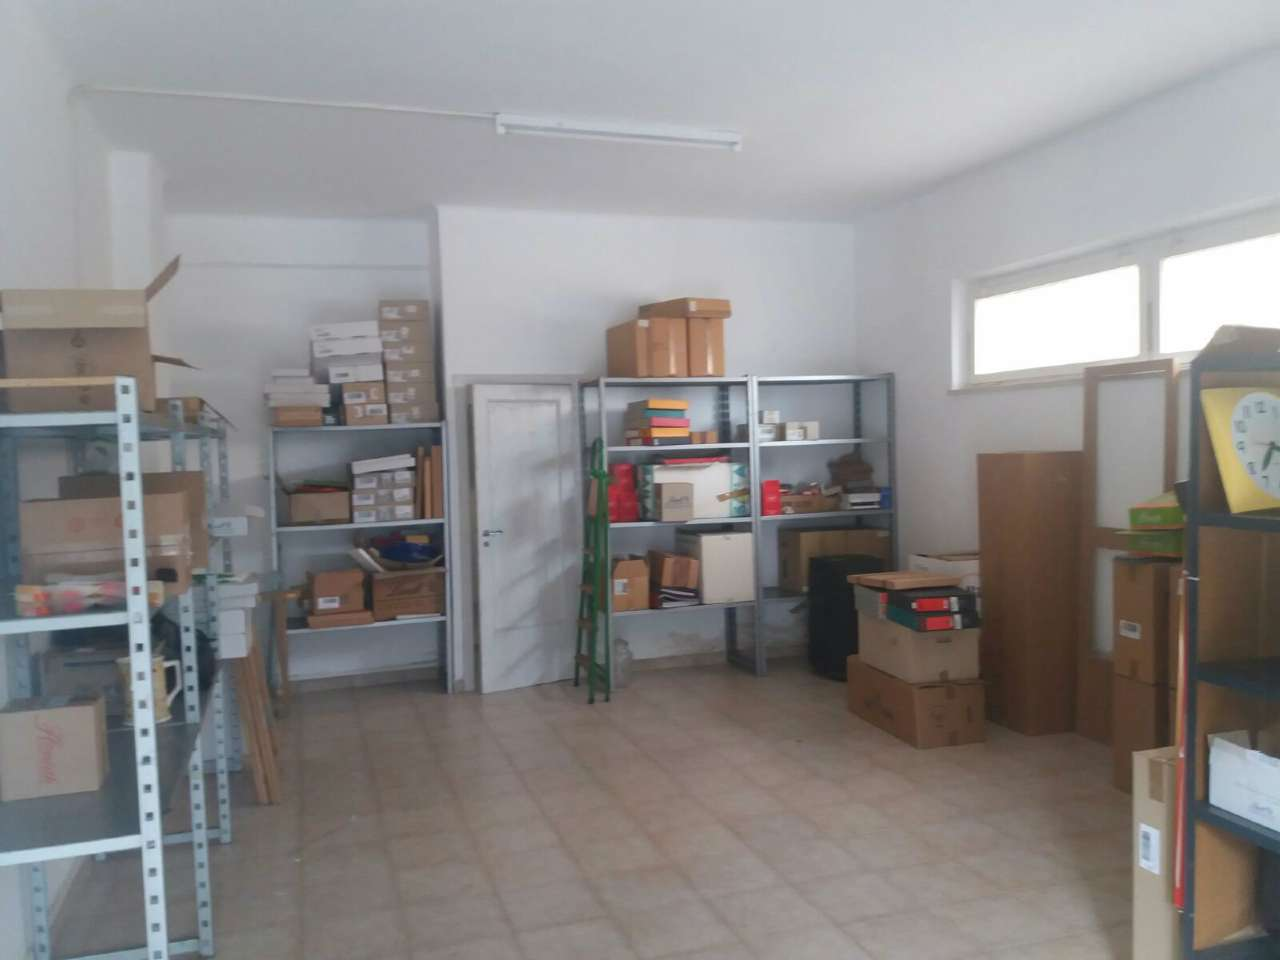 Magazzino in vendita a Ancona, 1 locali, prezzo € 48.000 | CambioCasa.it